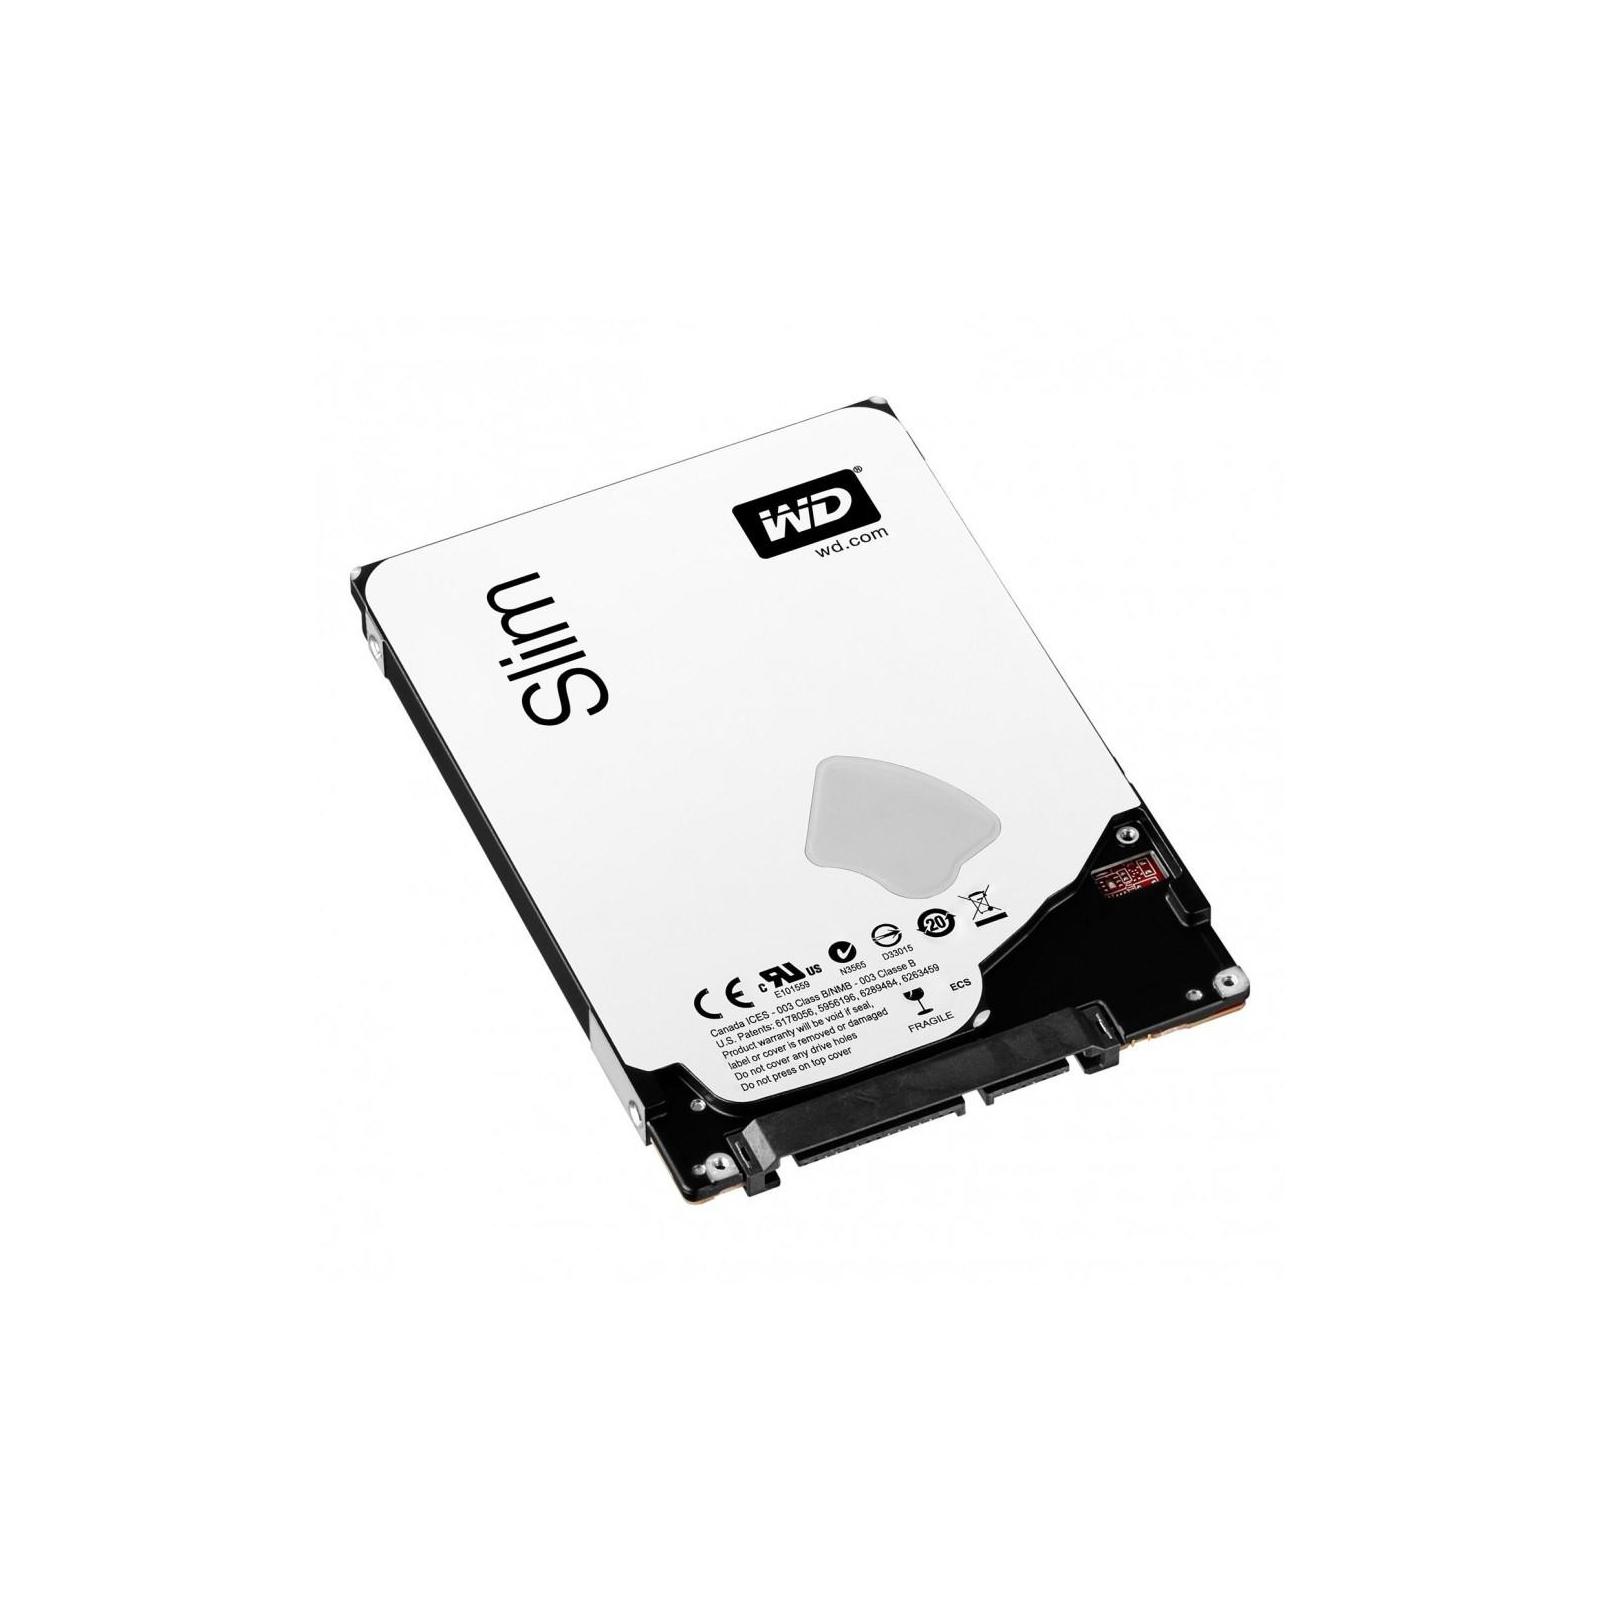 """Жесткий диск для ноутбука 2.5"""" 750GB WD (#WD7500LPCX-FR#) изображение 2"""